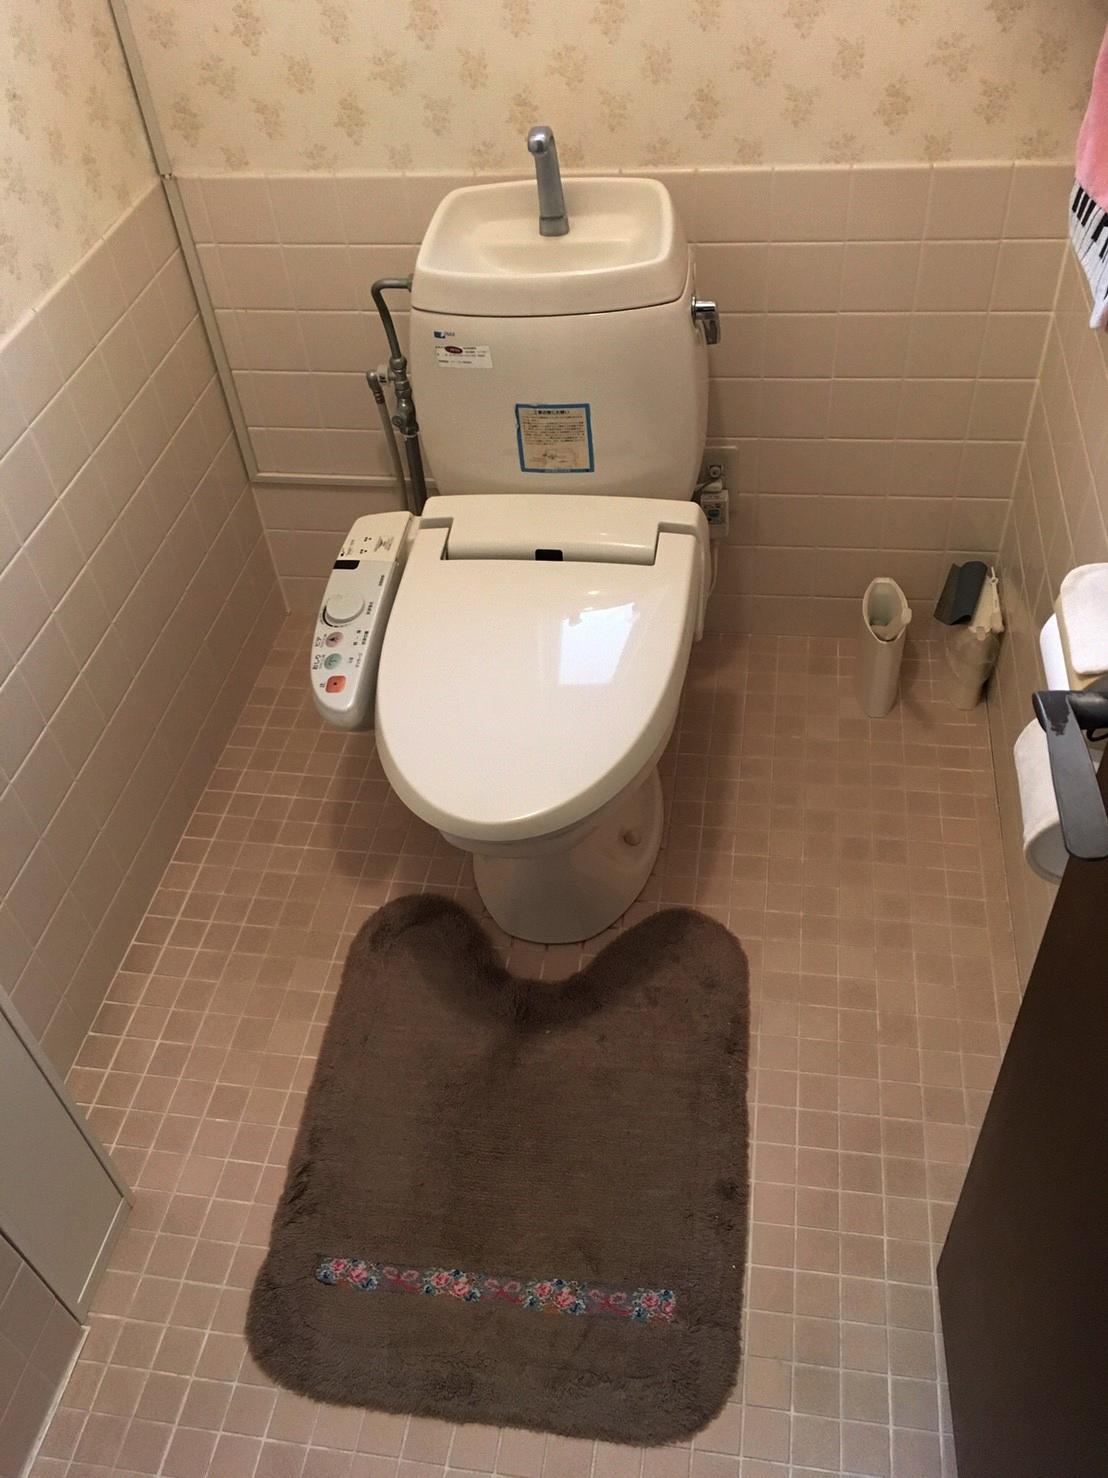 池田市荘園 トイレ交換工事 お掃除ラクラク♪最新トイレへ!